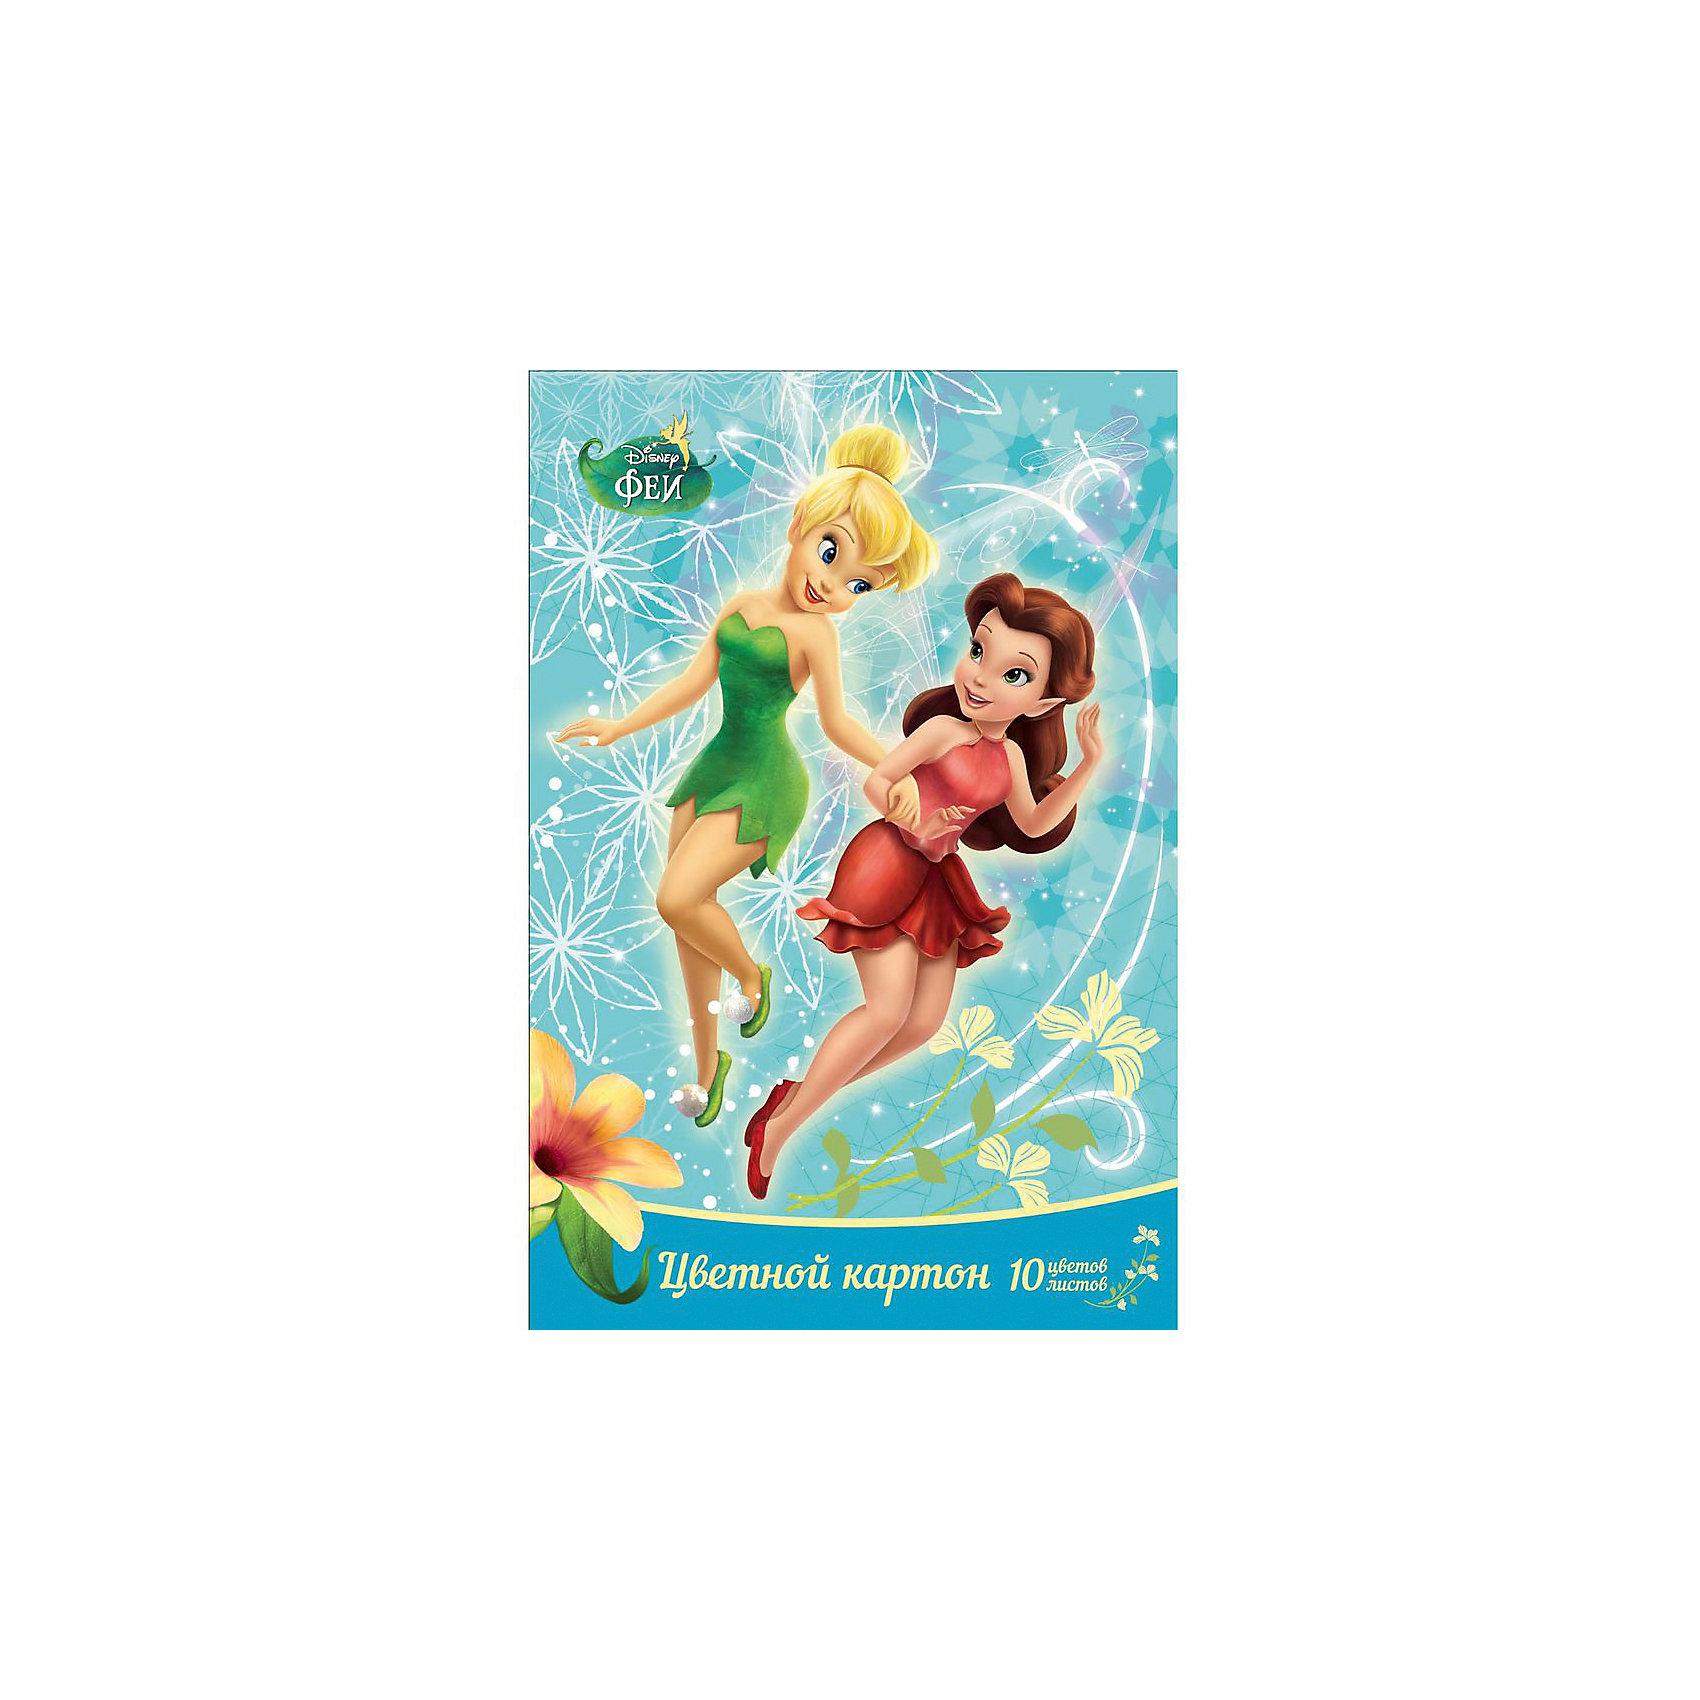 Цветной картон Феи, 10 листов, 10 цветовЦветной картон «Disney» Феи формата А4 идеально подходит для детского творчества. В упаковке 10 цветов (10 листов) мелованного картона: желтый, оранжевый, красный, синий, зеленый, фиолетовый, коричневый, черный, золотой, серебристый. Тип упаковки: папка с одним клапаном, выполненная из мелованного картона с глянцевым лаком.<br><br>Ширина мм: 290<br>Глубина мм: 200<br>Высота мм: 3<br>Вес г: 134<br>Возраст от месяцев: 48<br>Возраст до месяцев: 120<br>Пол: Унисекс<br>Возраст: Детский<br>SKU: 4637447